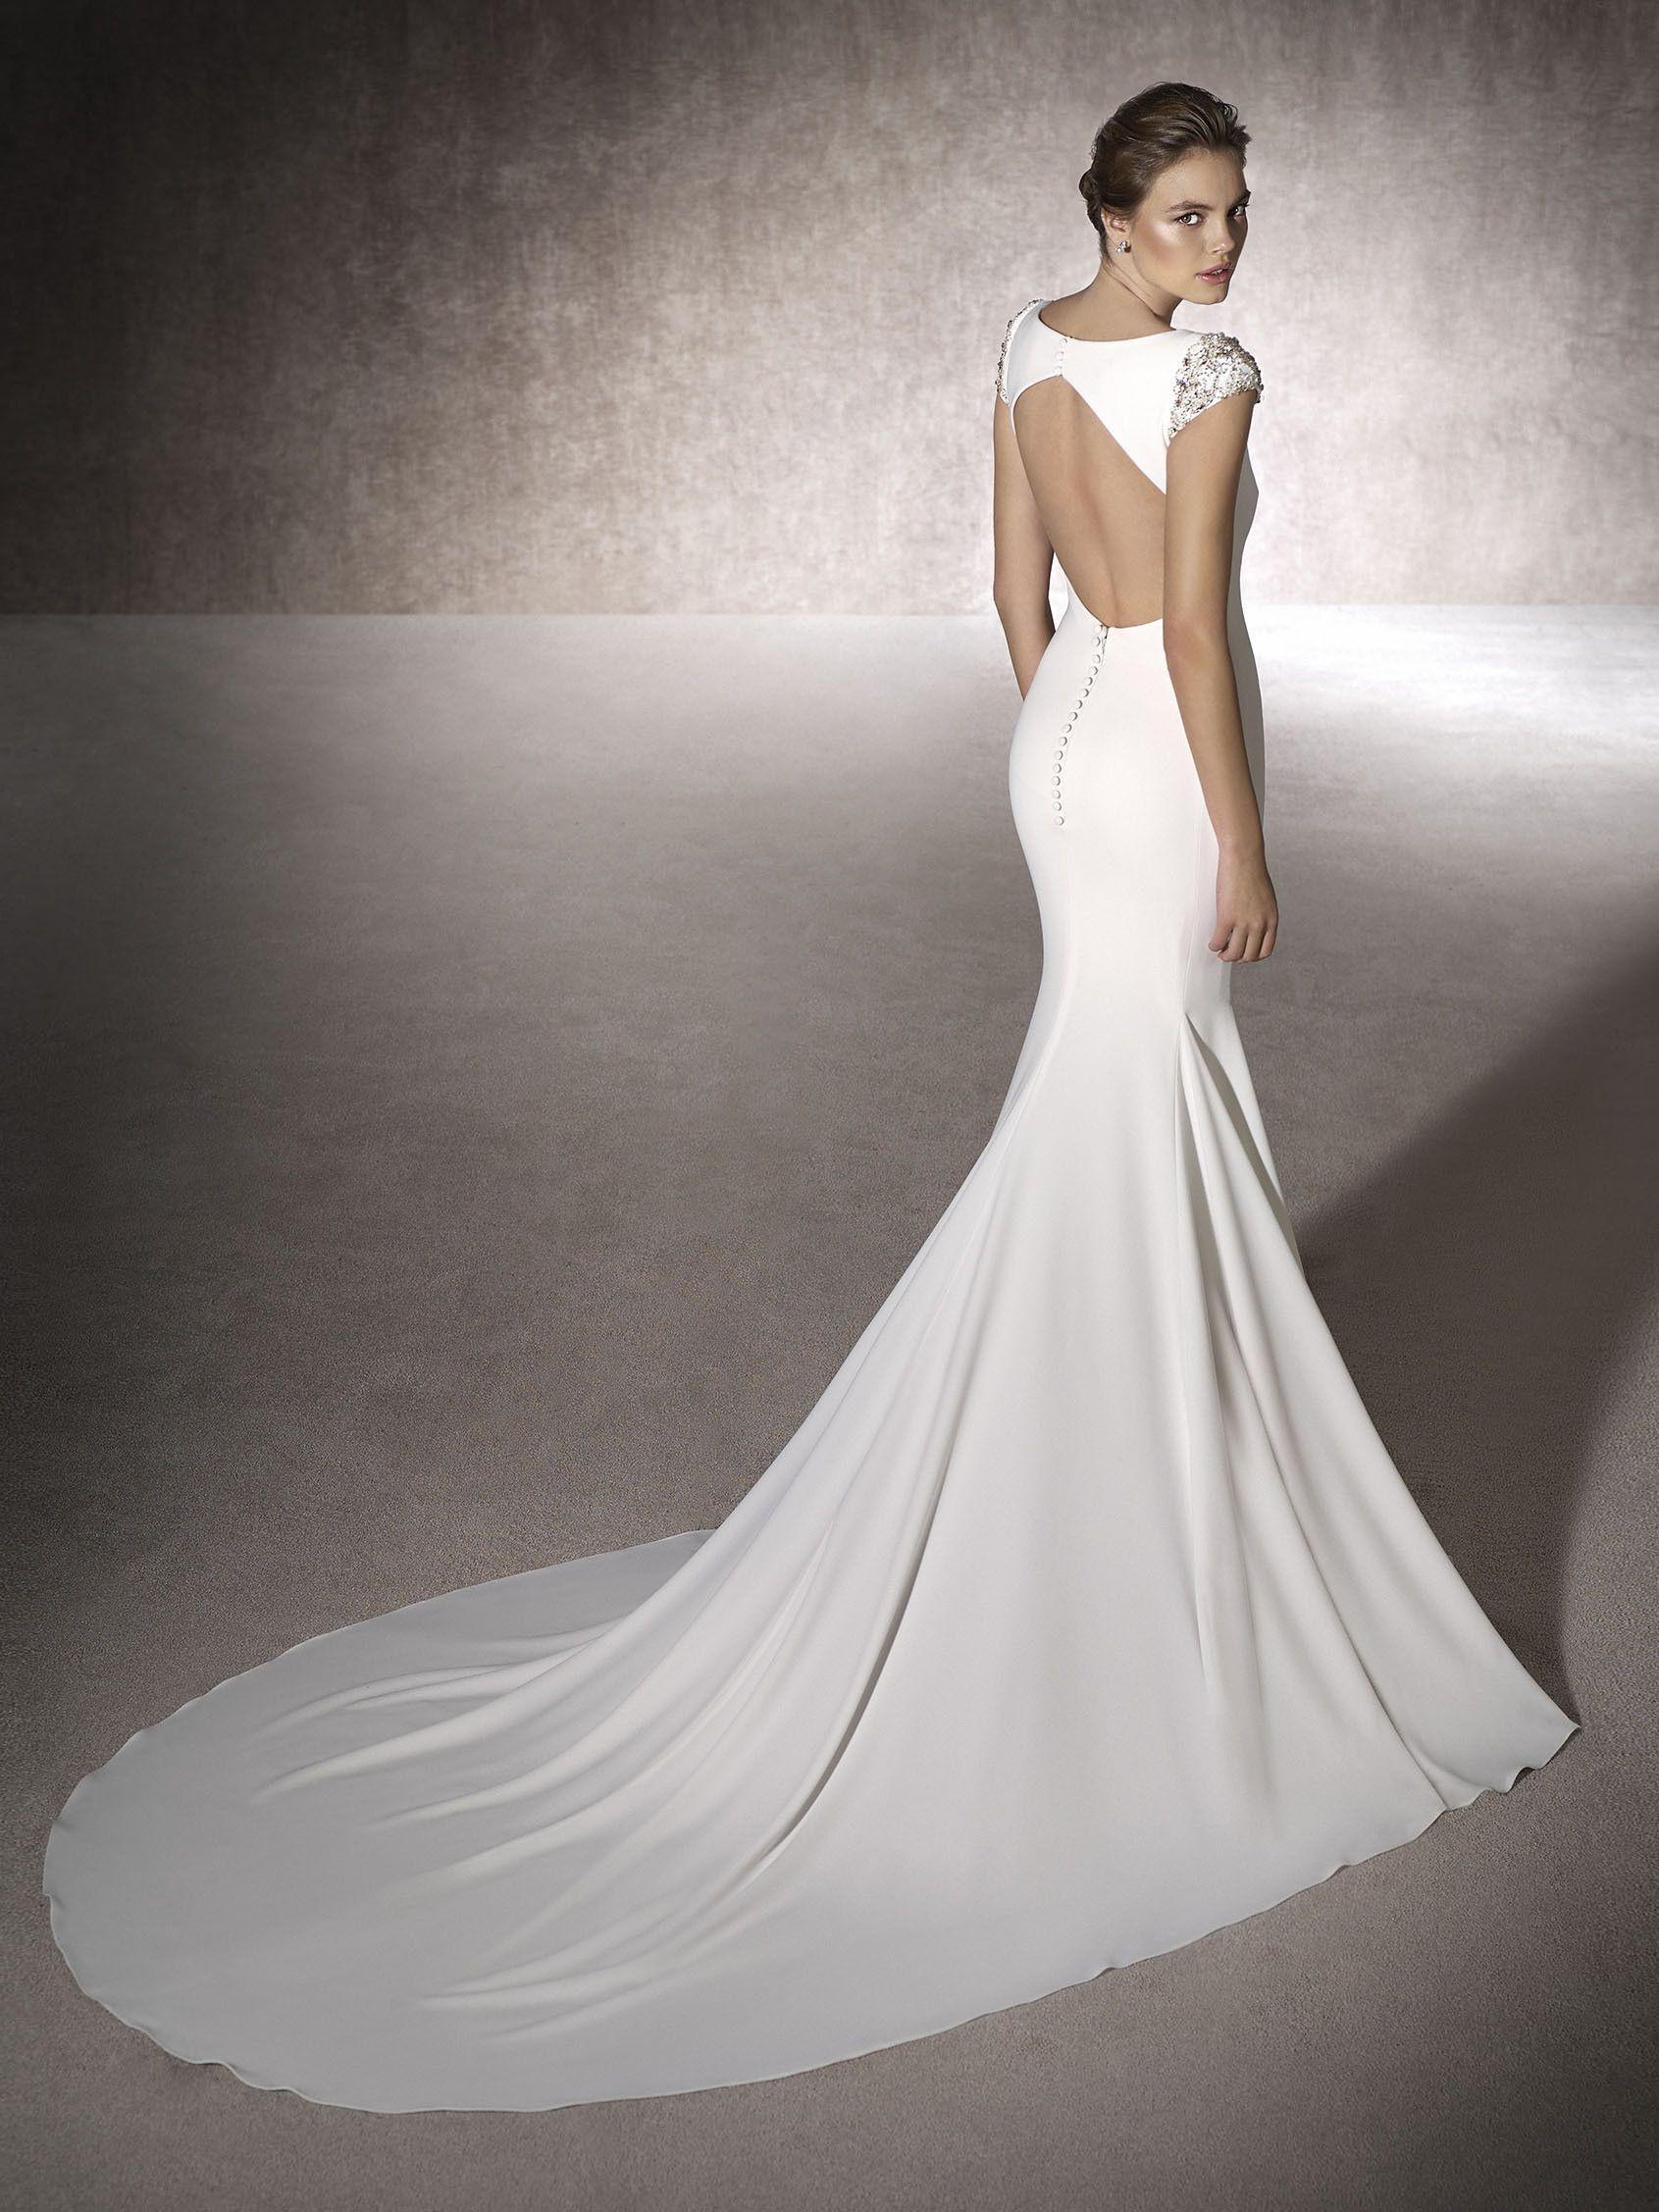 Pin von Bego auf vestidos | Pinterest | Brautkleid